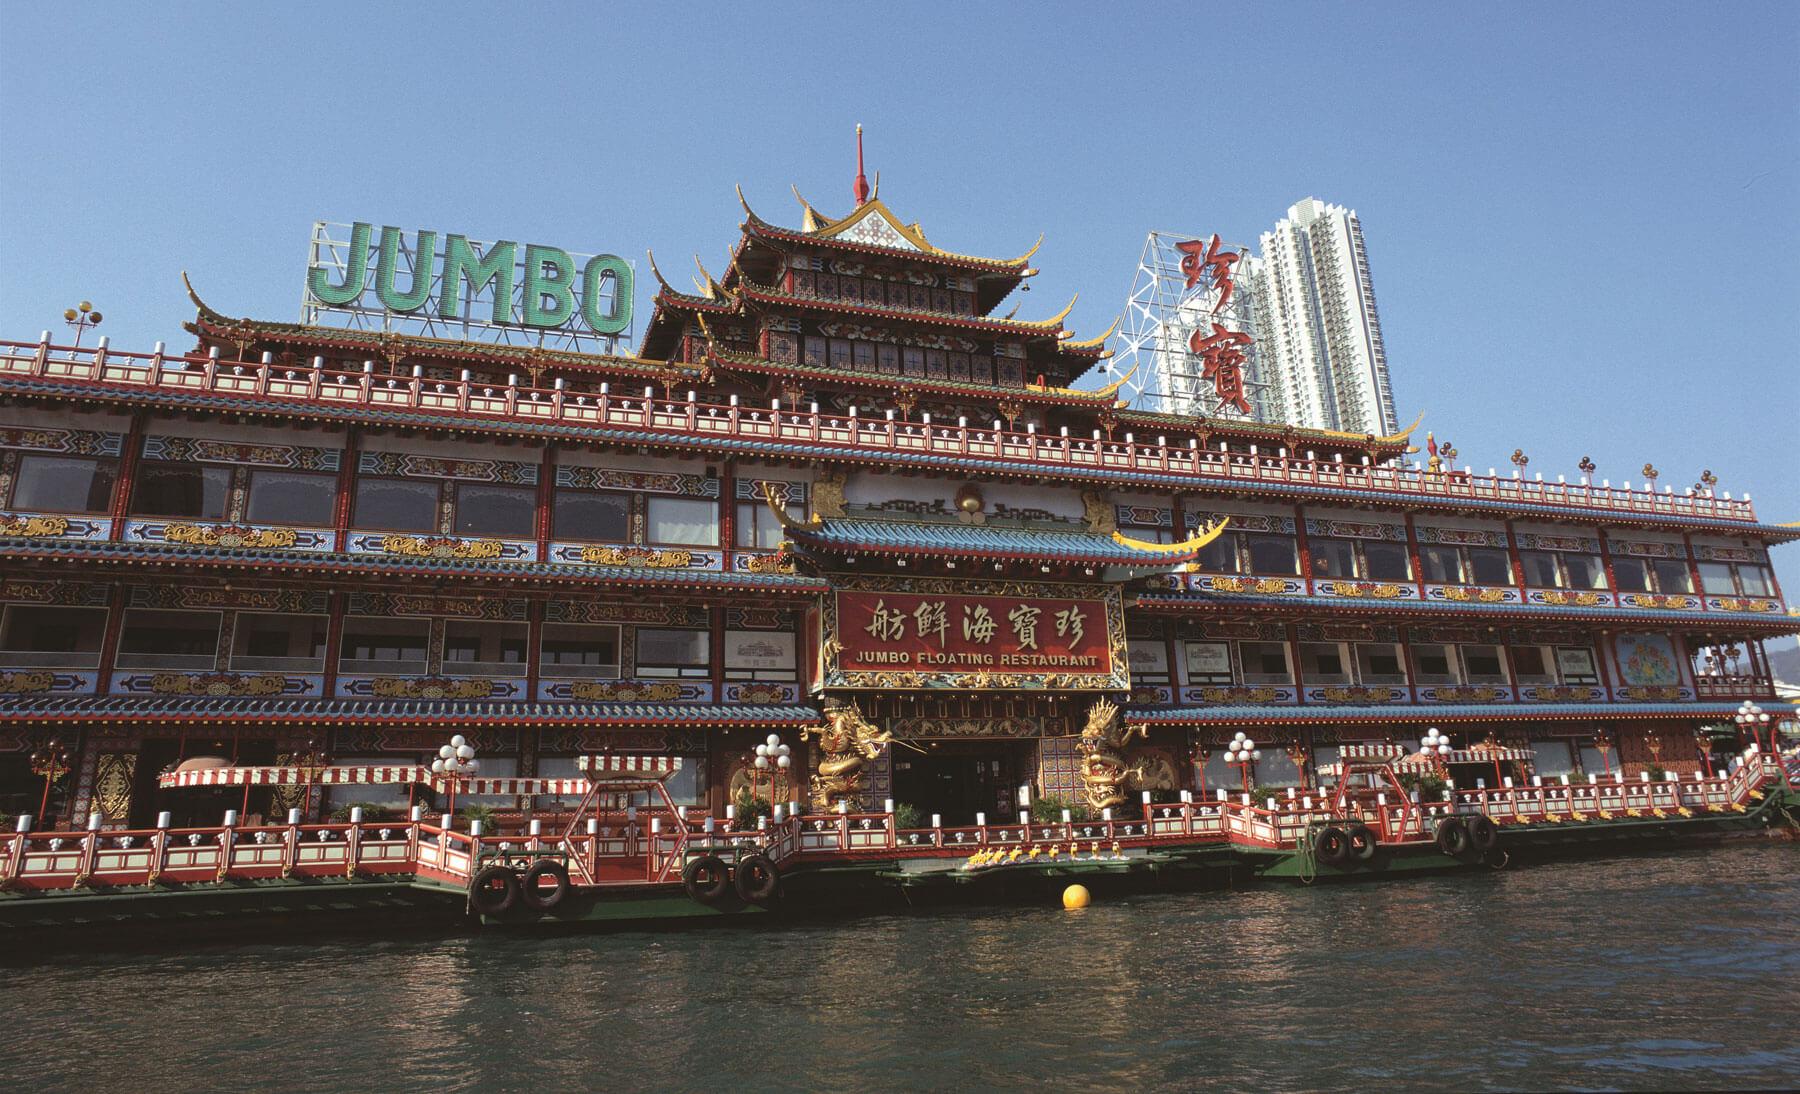 Schwimmendes Restaurant Jumbo in Aberdeen, Hongkong.